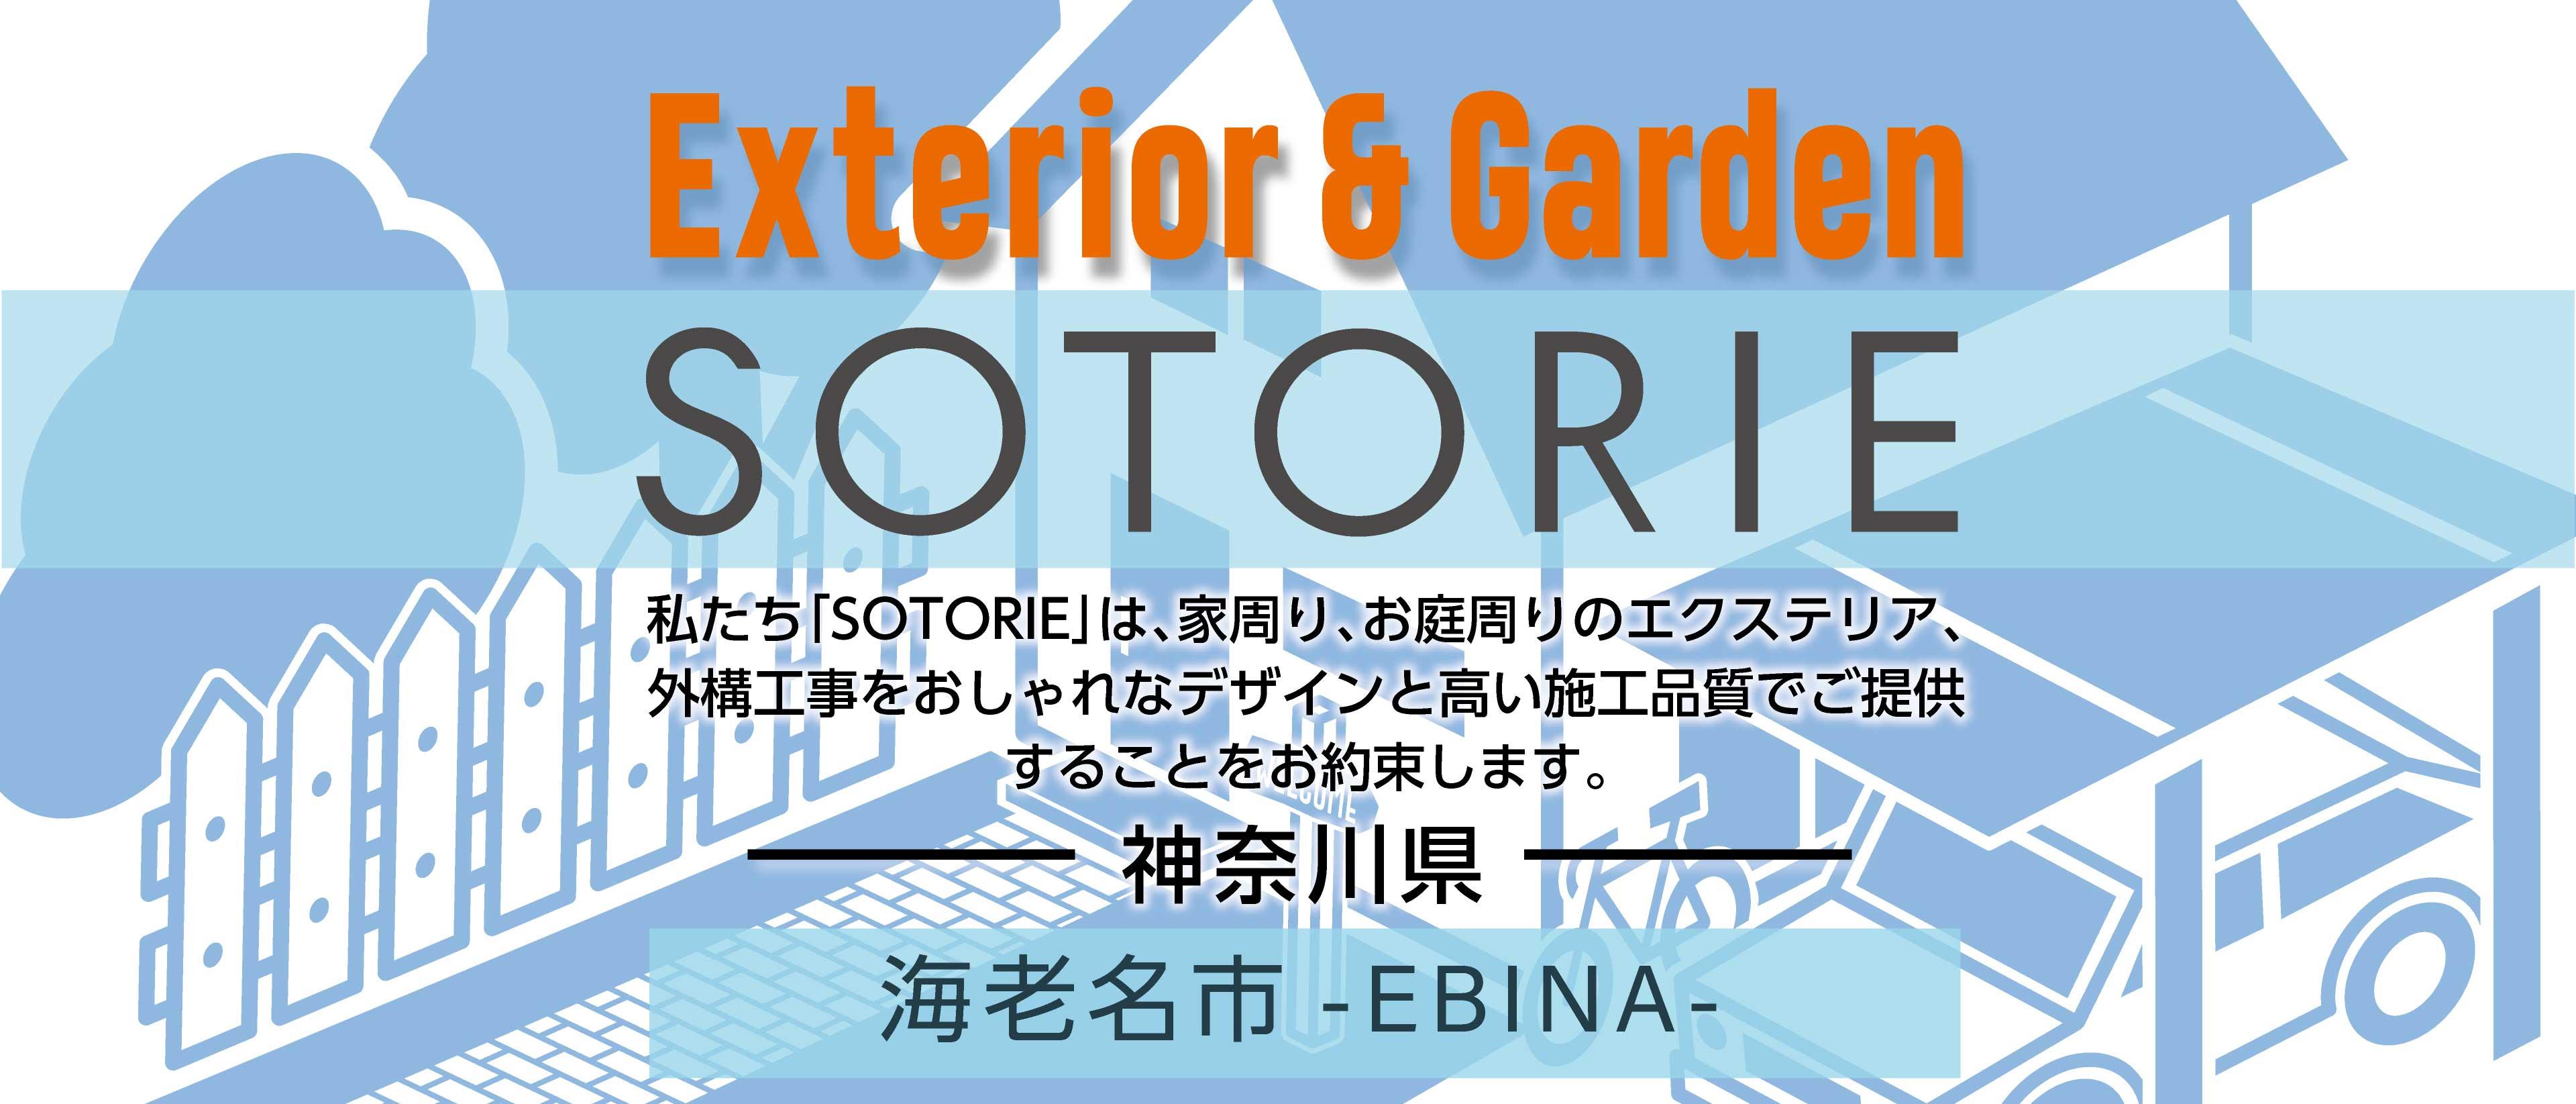 ソトリエ海老名市では、家周りと庭周りの外構、エクステリア工事をおしゃれなデザインと高い施工品質でご提供することをお約束します。